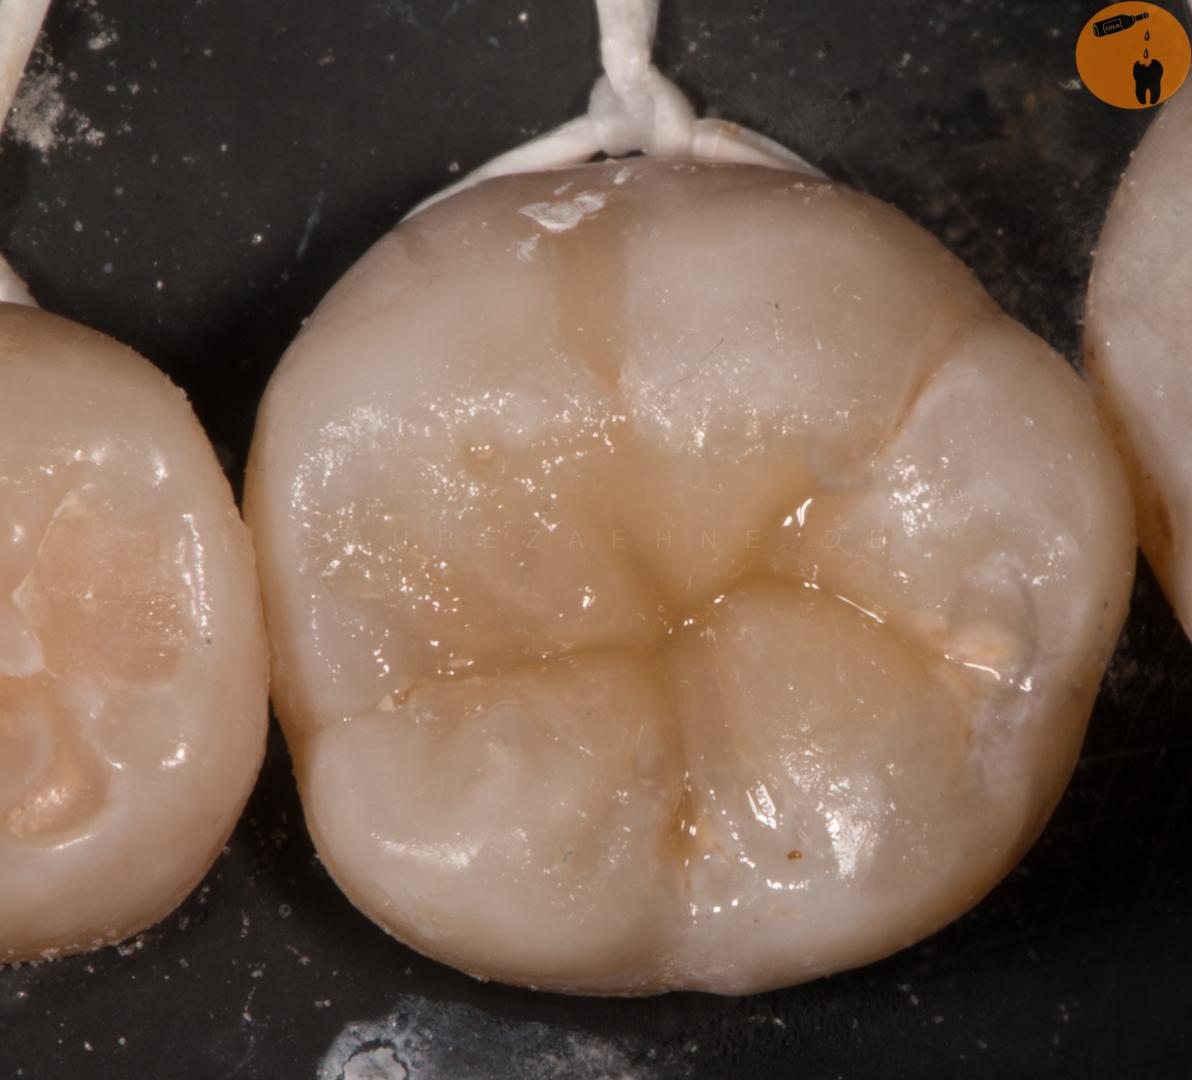 Zahn offen – Ein seit drei Monaten offener Zahn mit Schmerzen